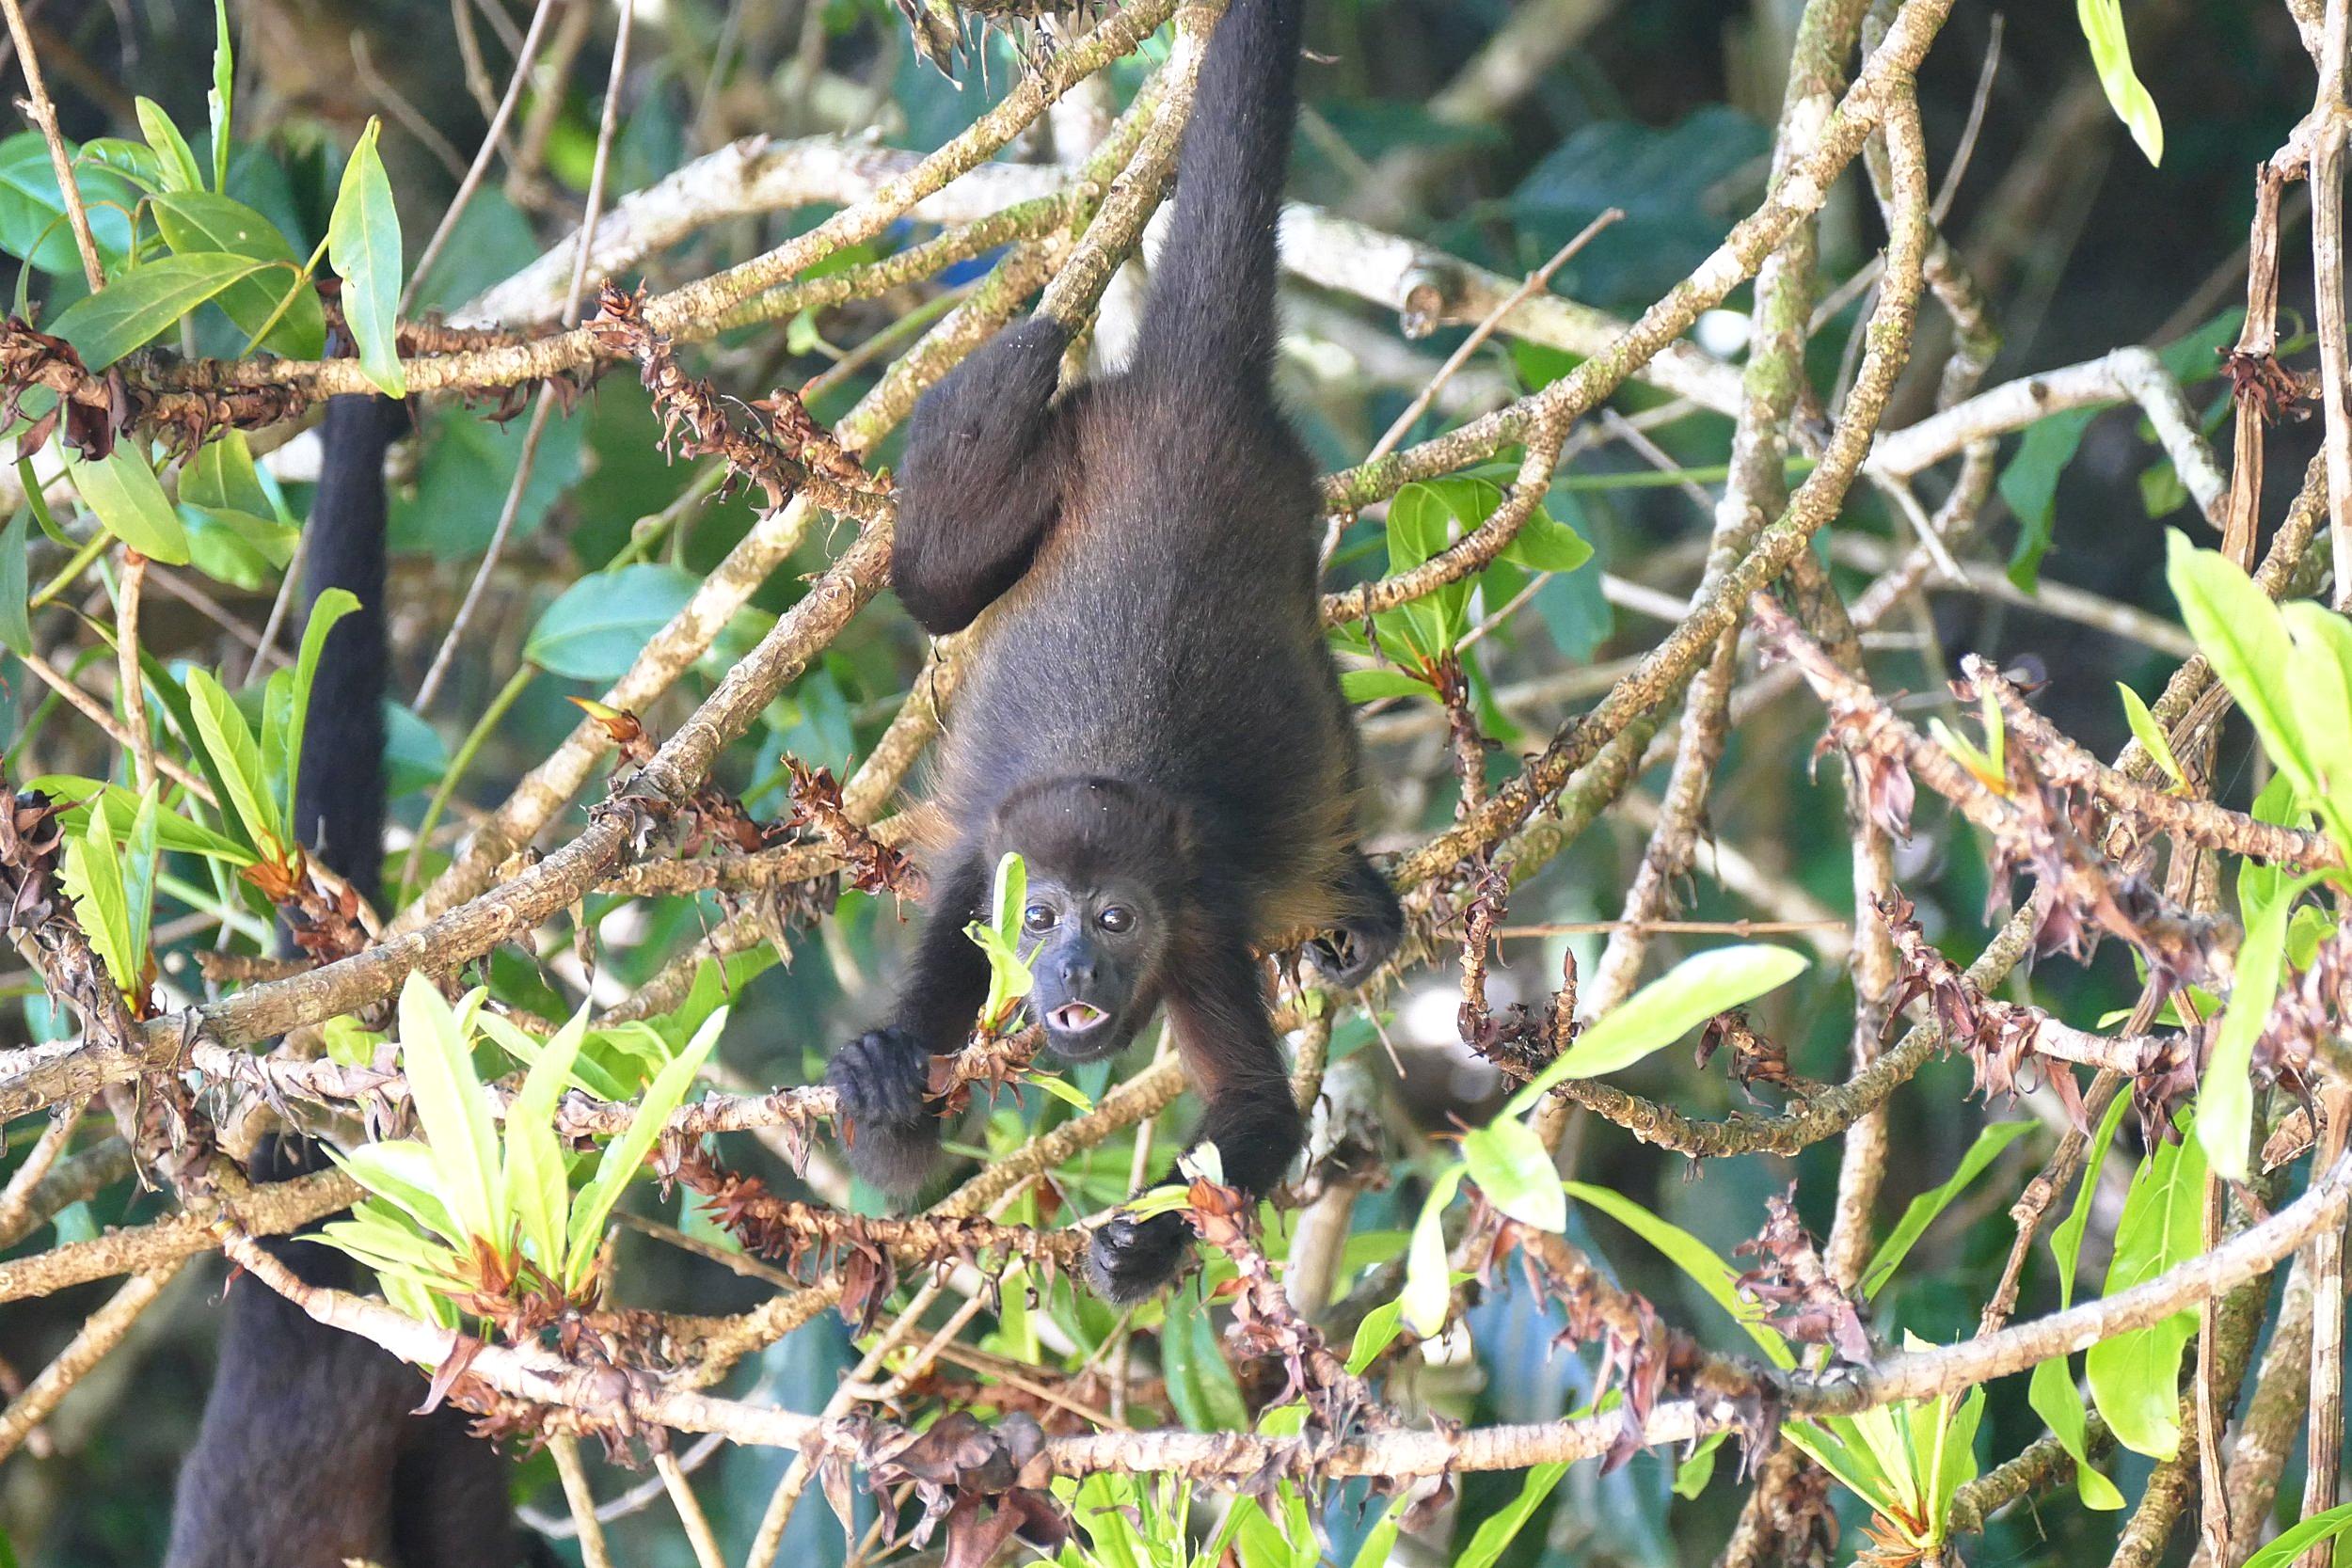 Bébé singe hurleur au Tesoro Escondido, Bocas del Toro, Panama